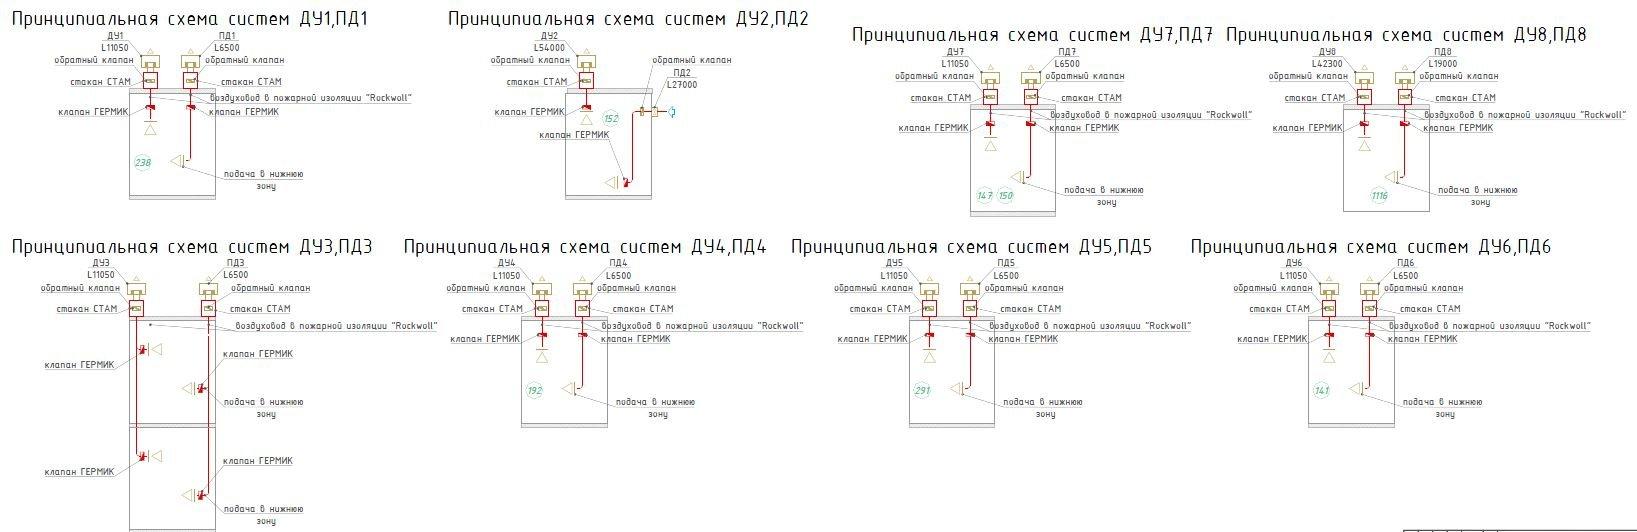 Противодымная вентиляция, схема принципиальная систем для комплекса производственных помещений одноэтажного здания